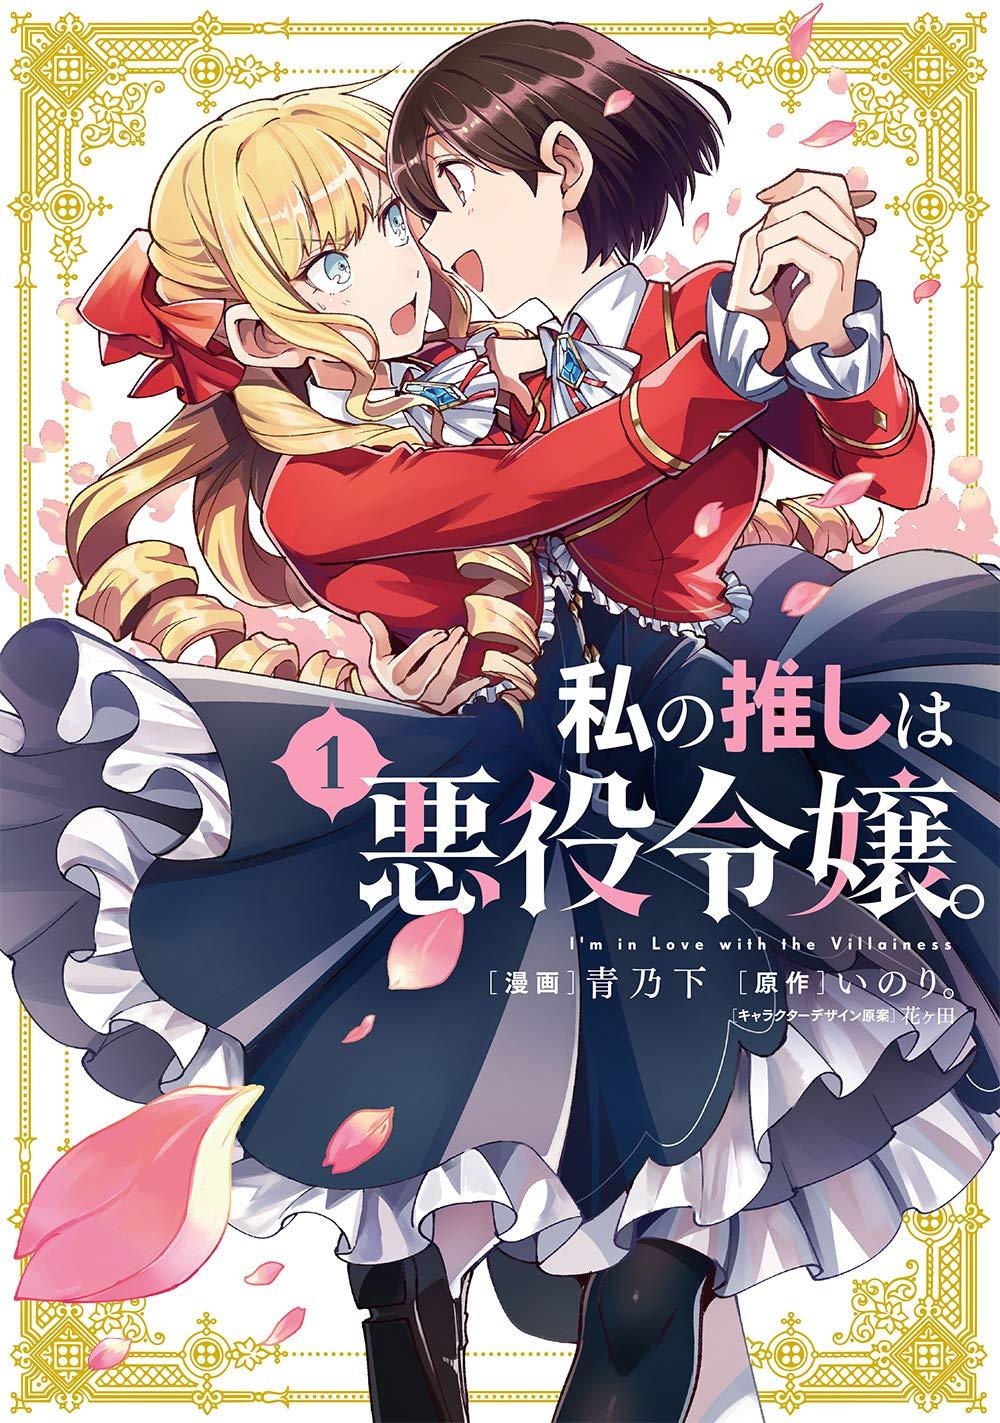 Estoy enamorado de la portada del manga Villainess